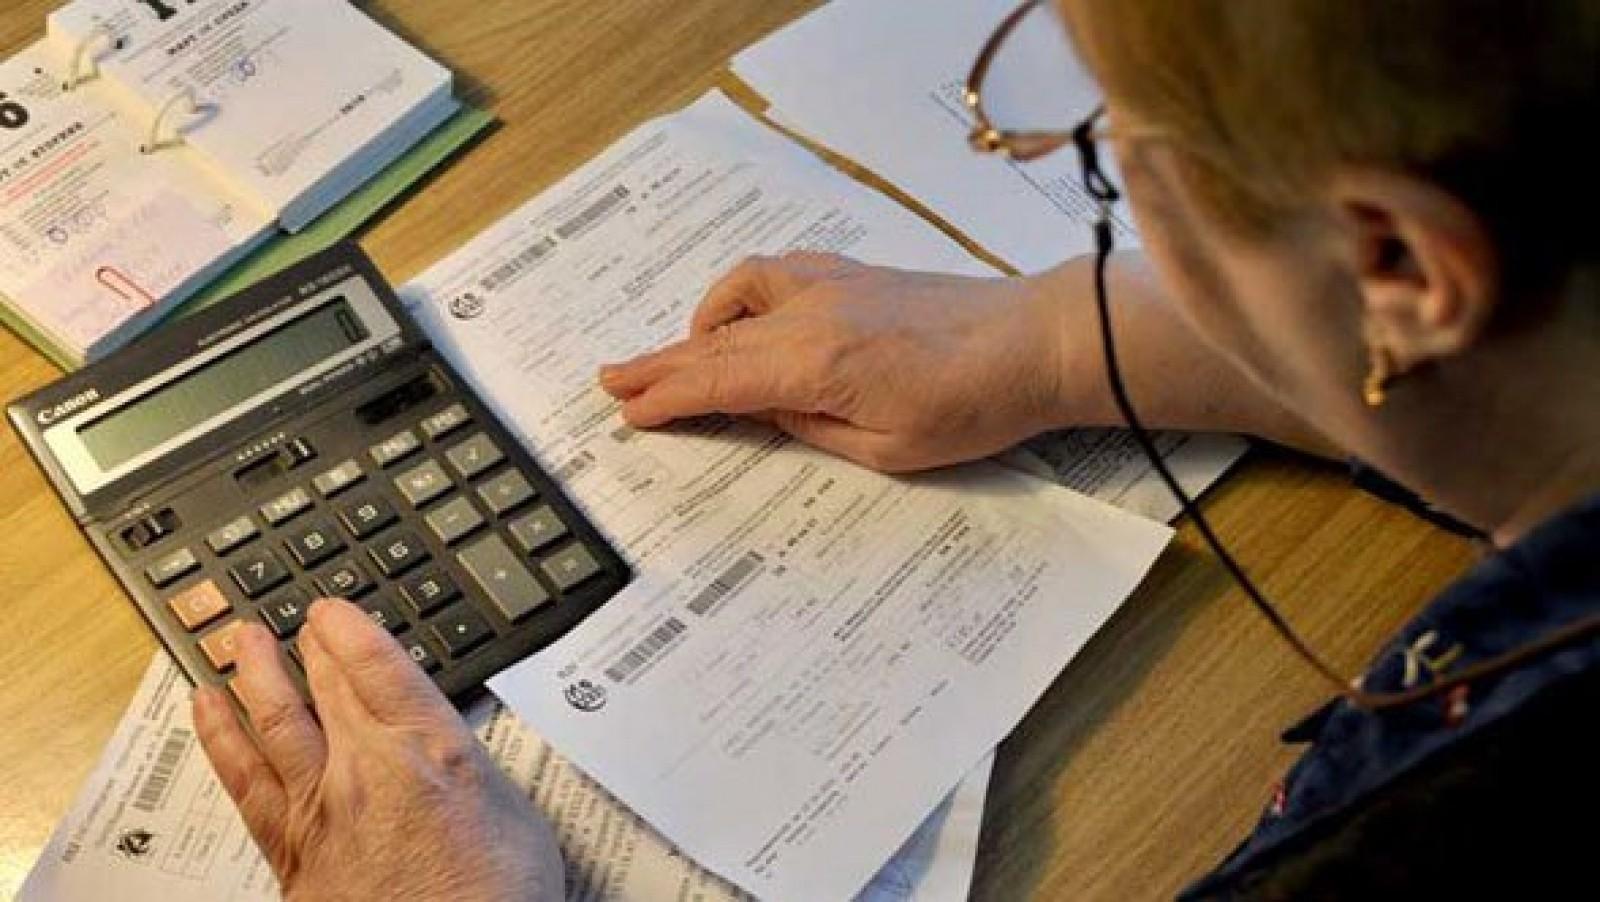 Мінфін розробив новий законопроект, який дозволить перевіряти отримувачів субсидій